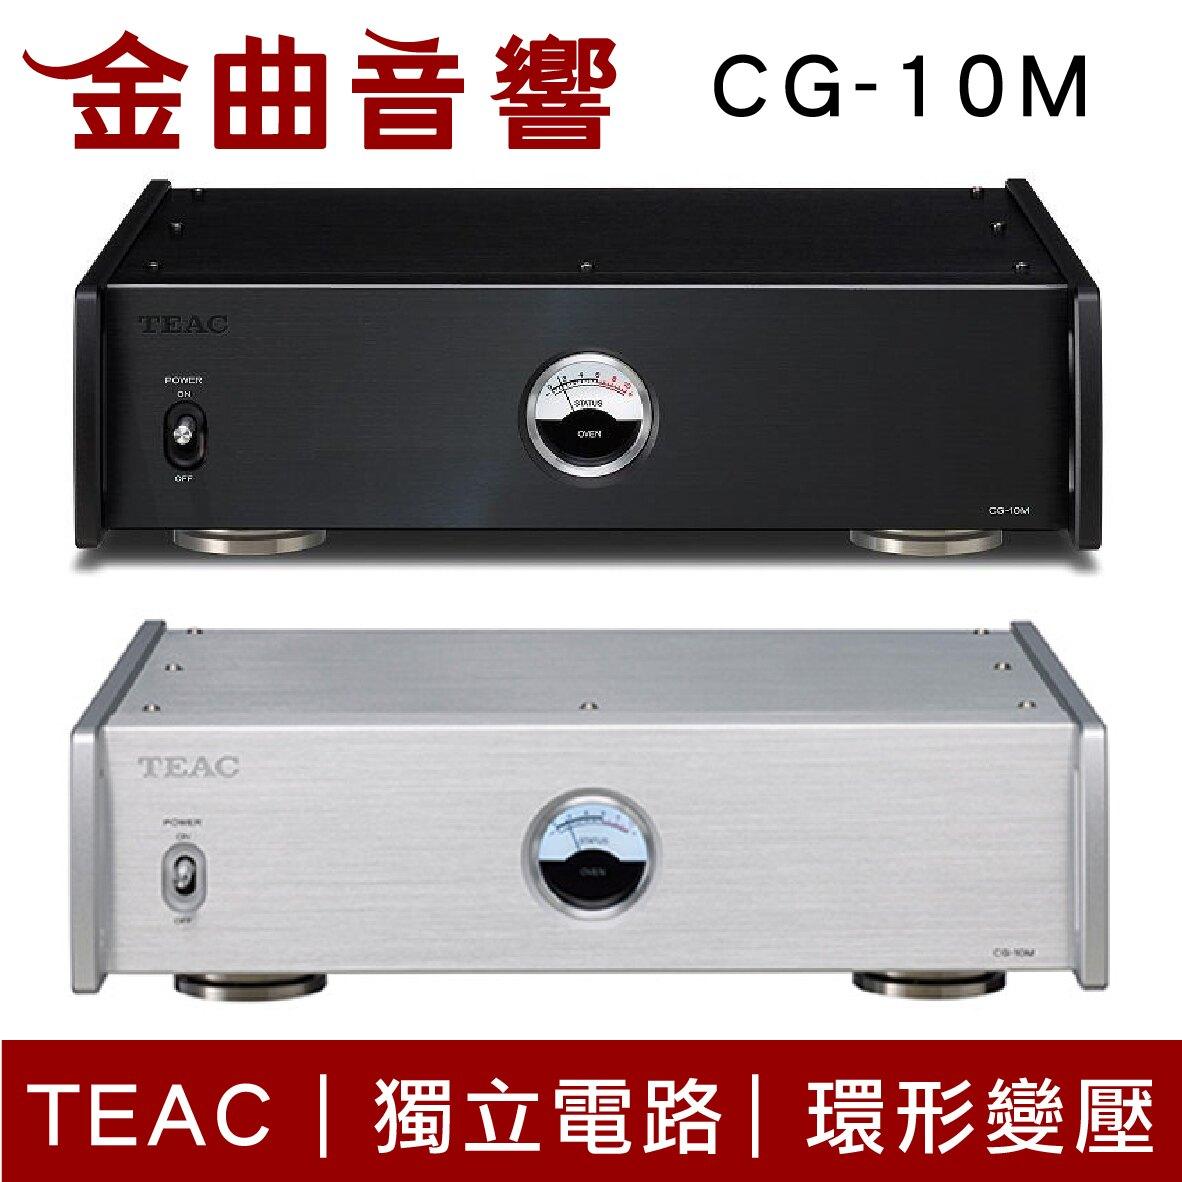 TEAC CG-10M 銀色 環形變壓 主時鐘 主時脈產生器 | 金曲音響